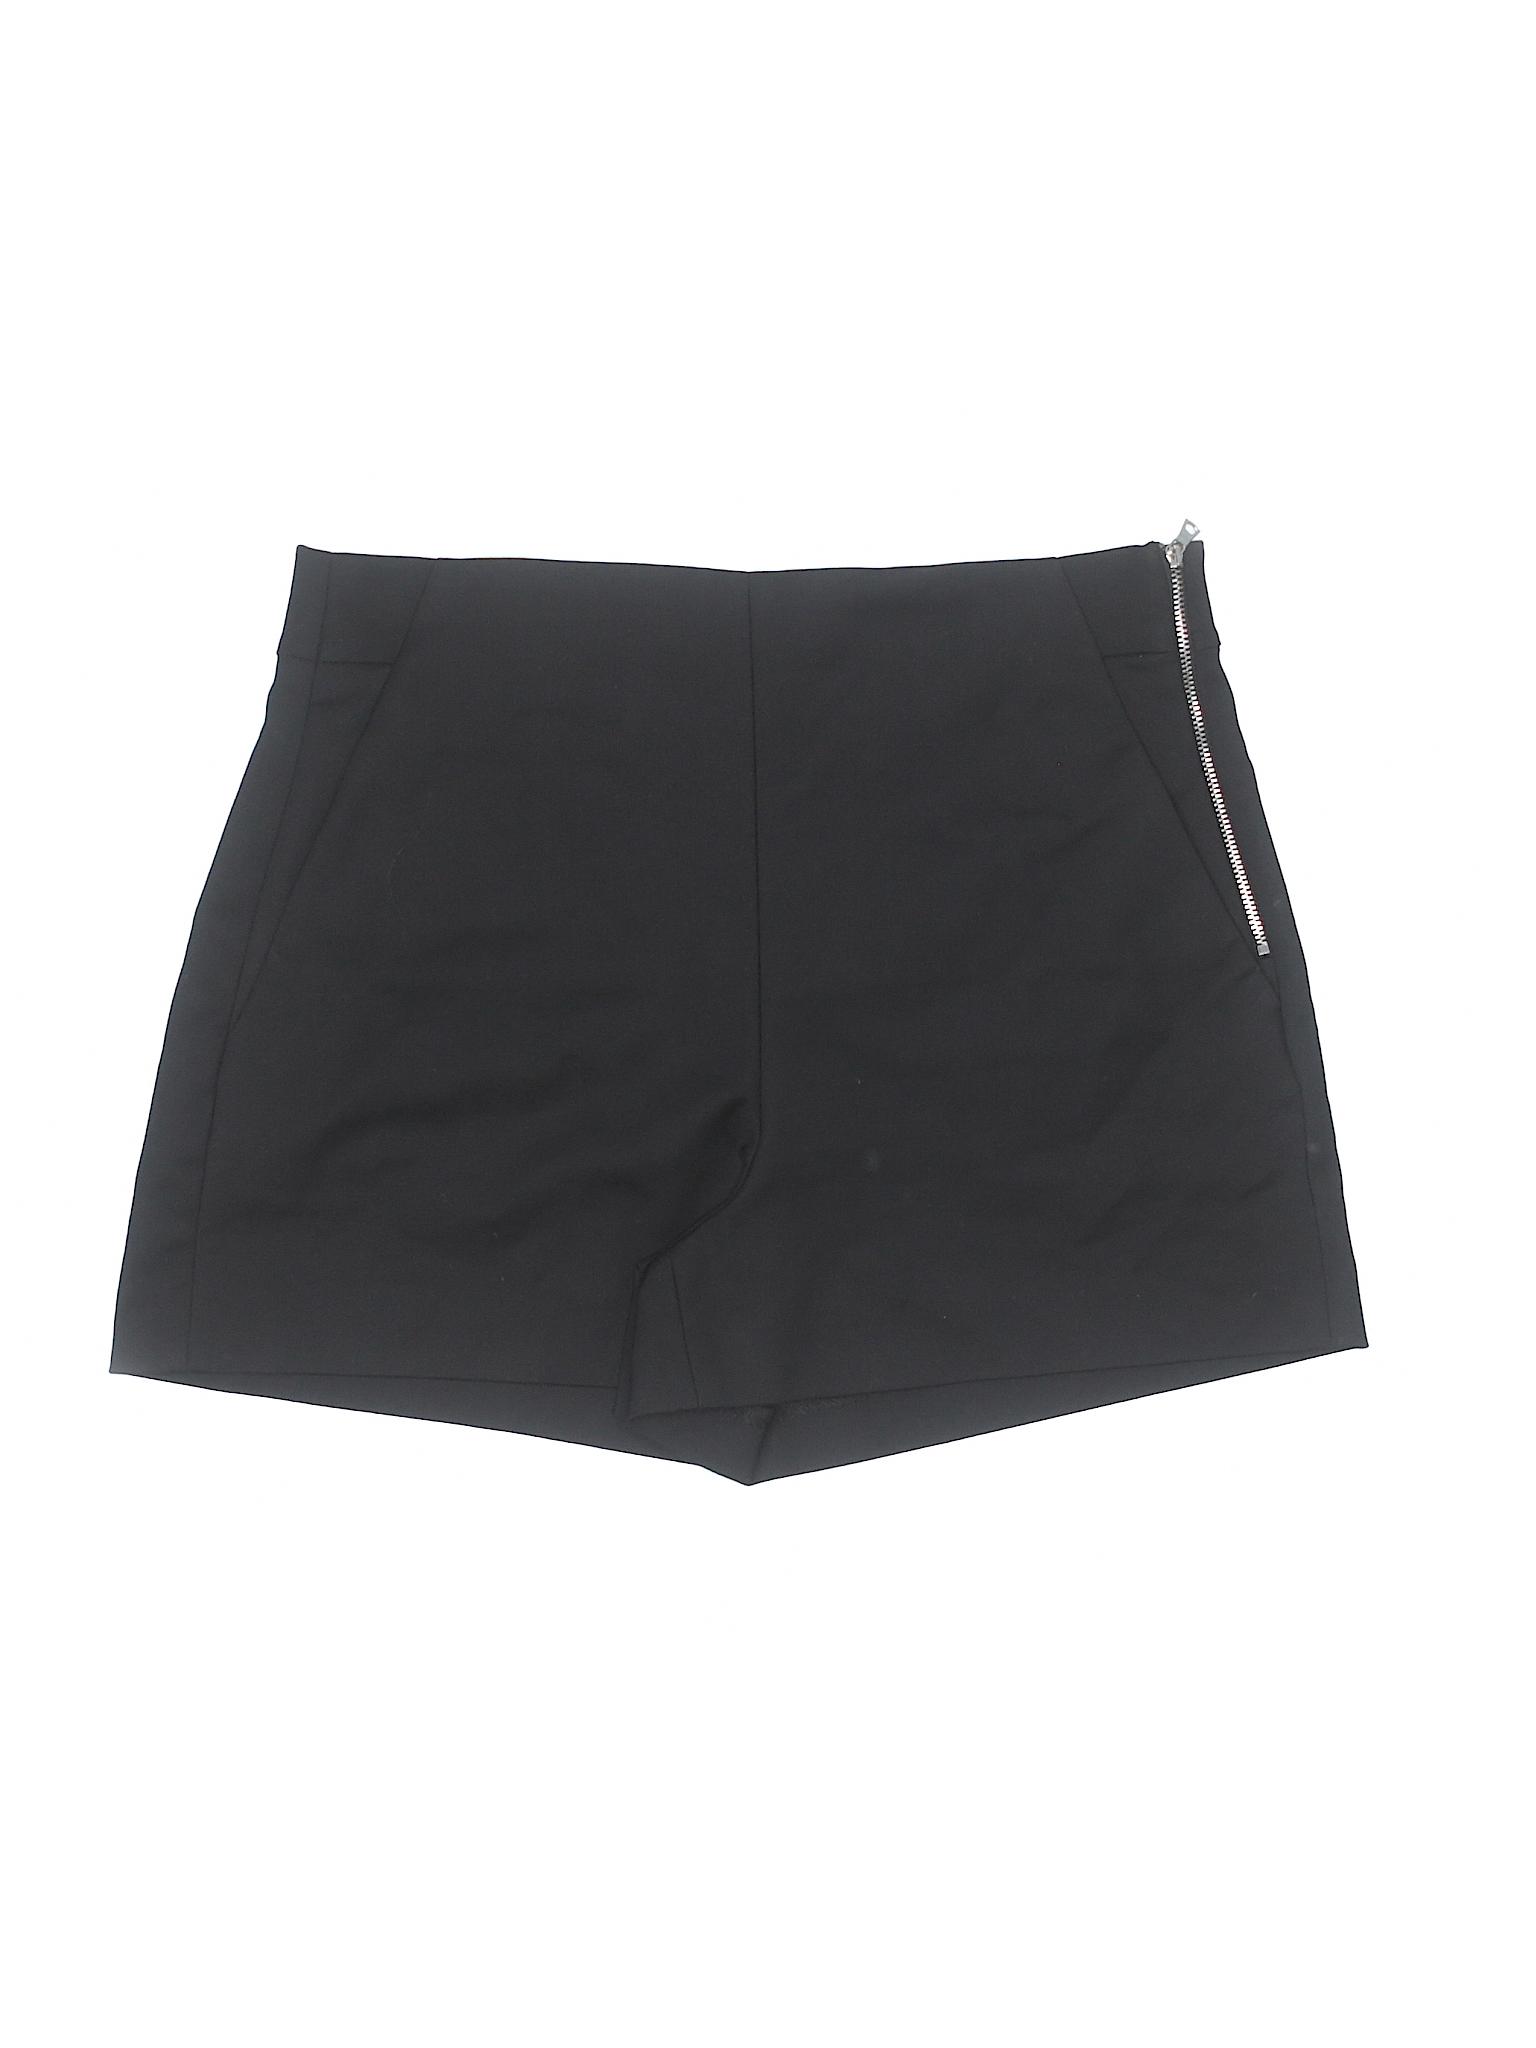 Boutique Boutique Shorts Shorts Boutique Shorts Boutique Zara Zara Zara fRxqO